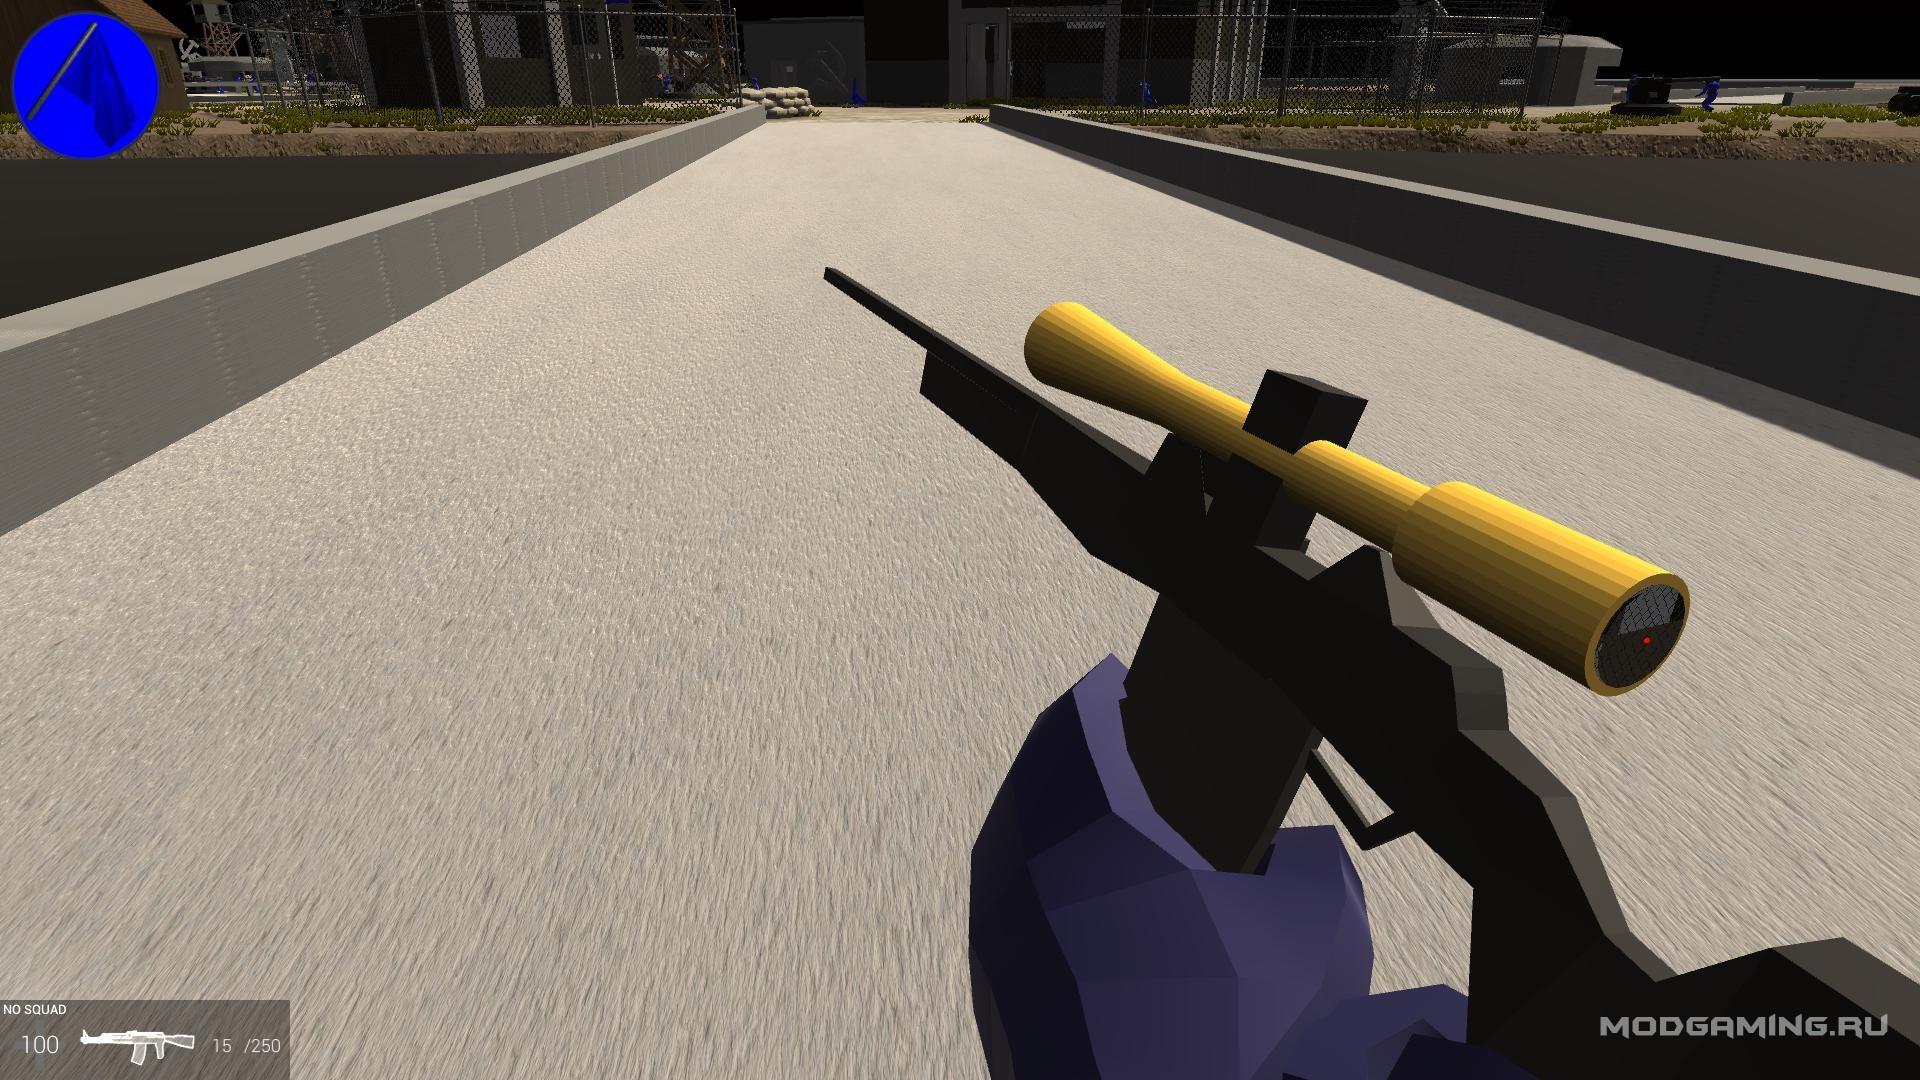 Снайперка с необычным прицелом